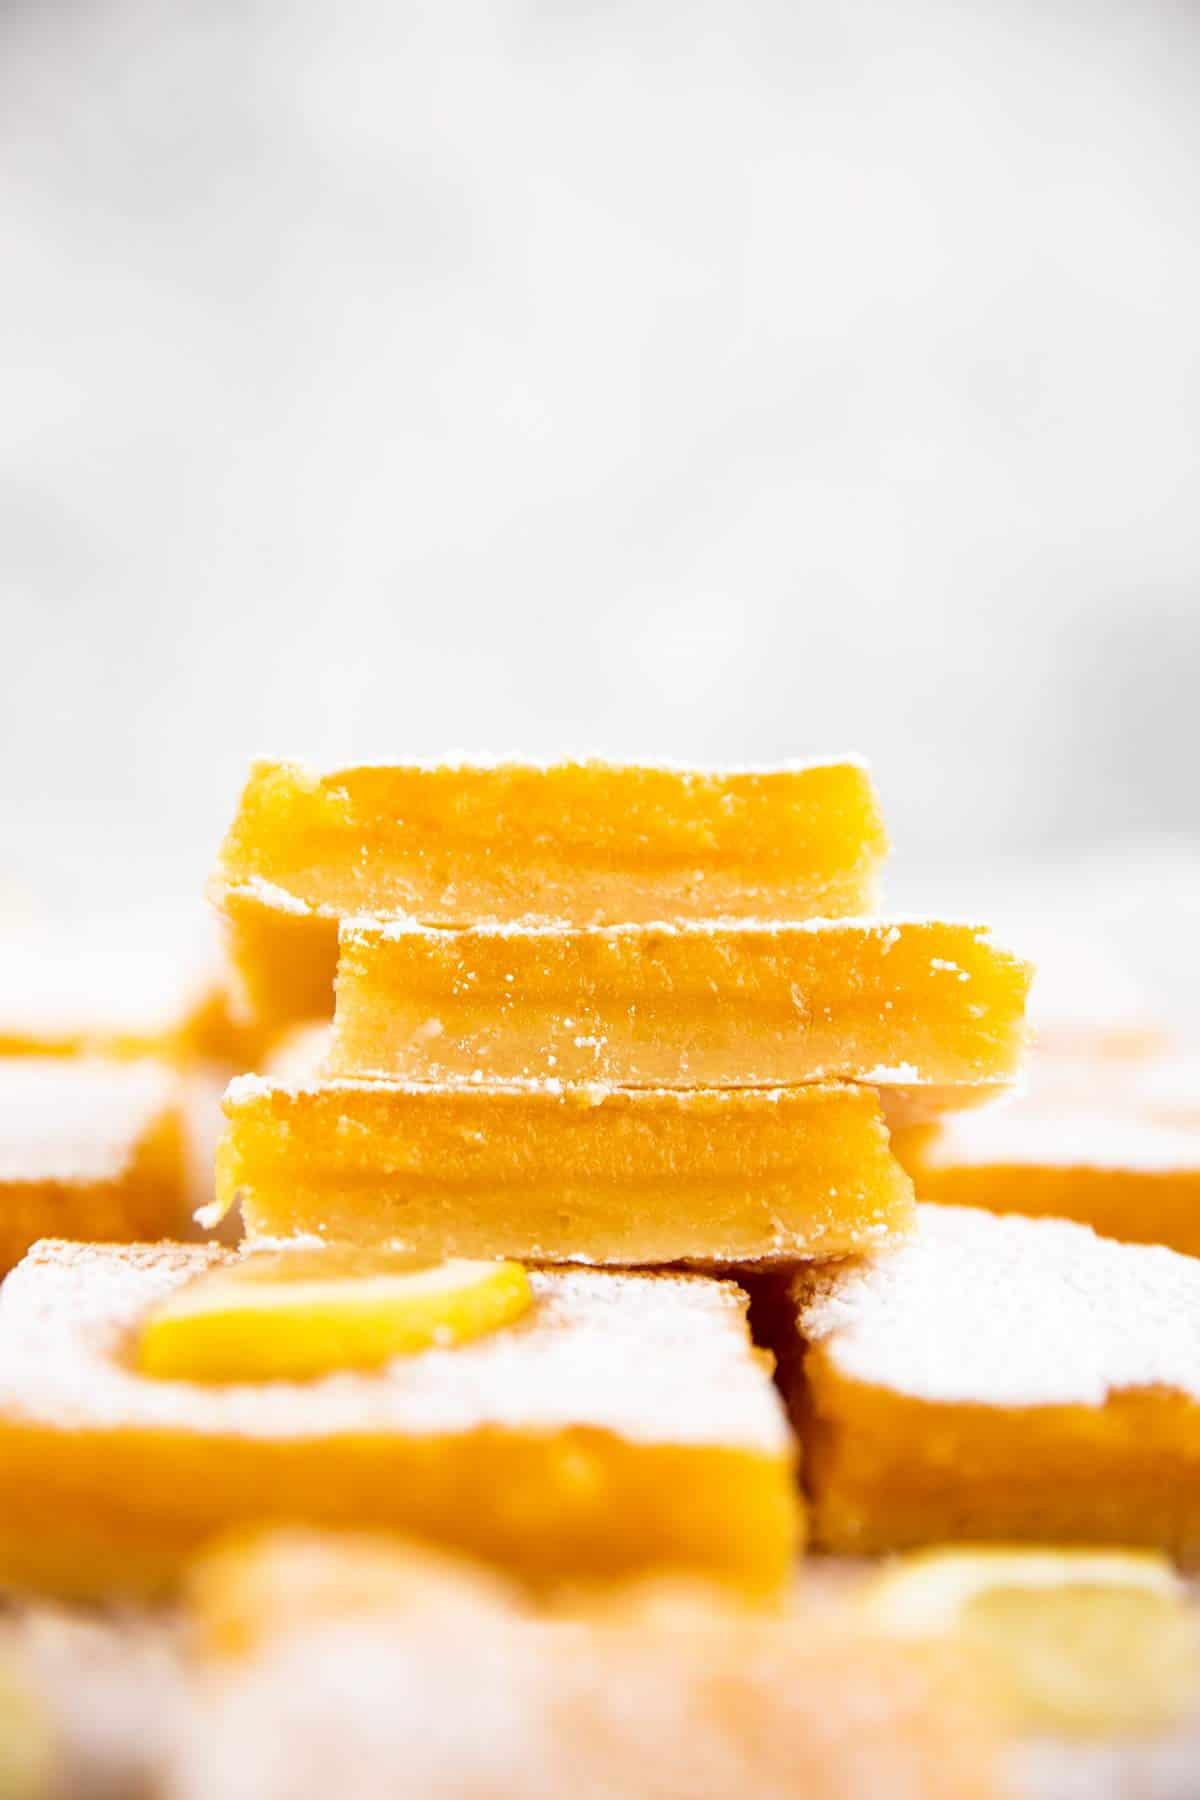 stack of lemon bars on more lemon bars